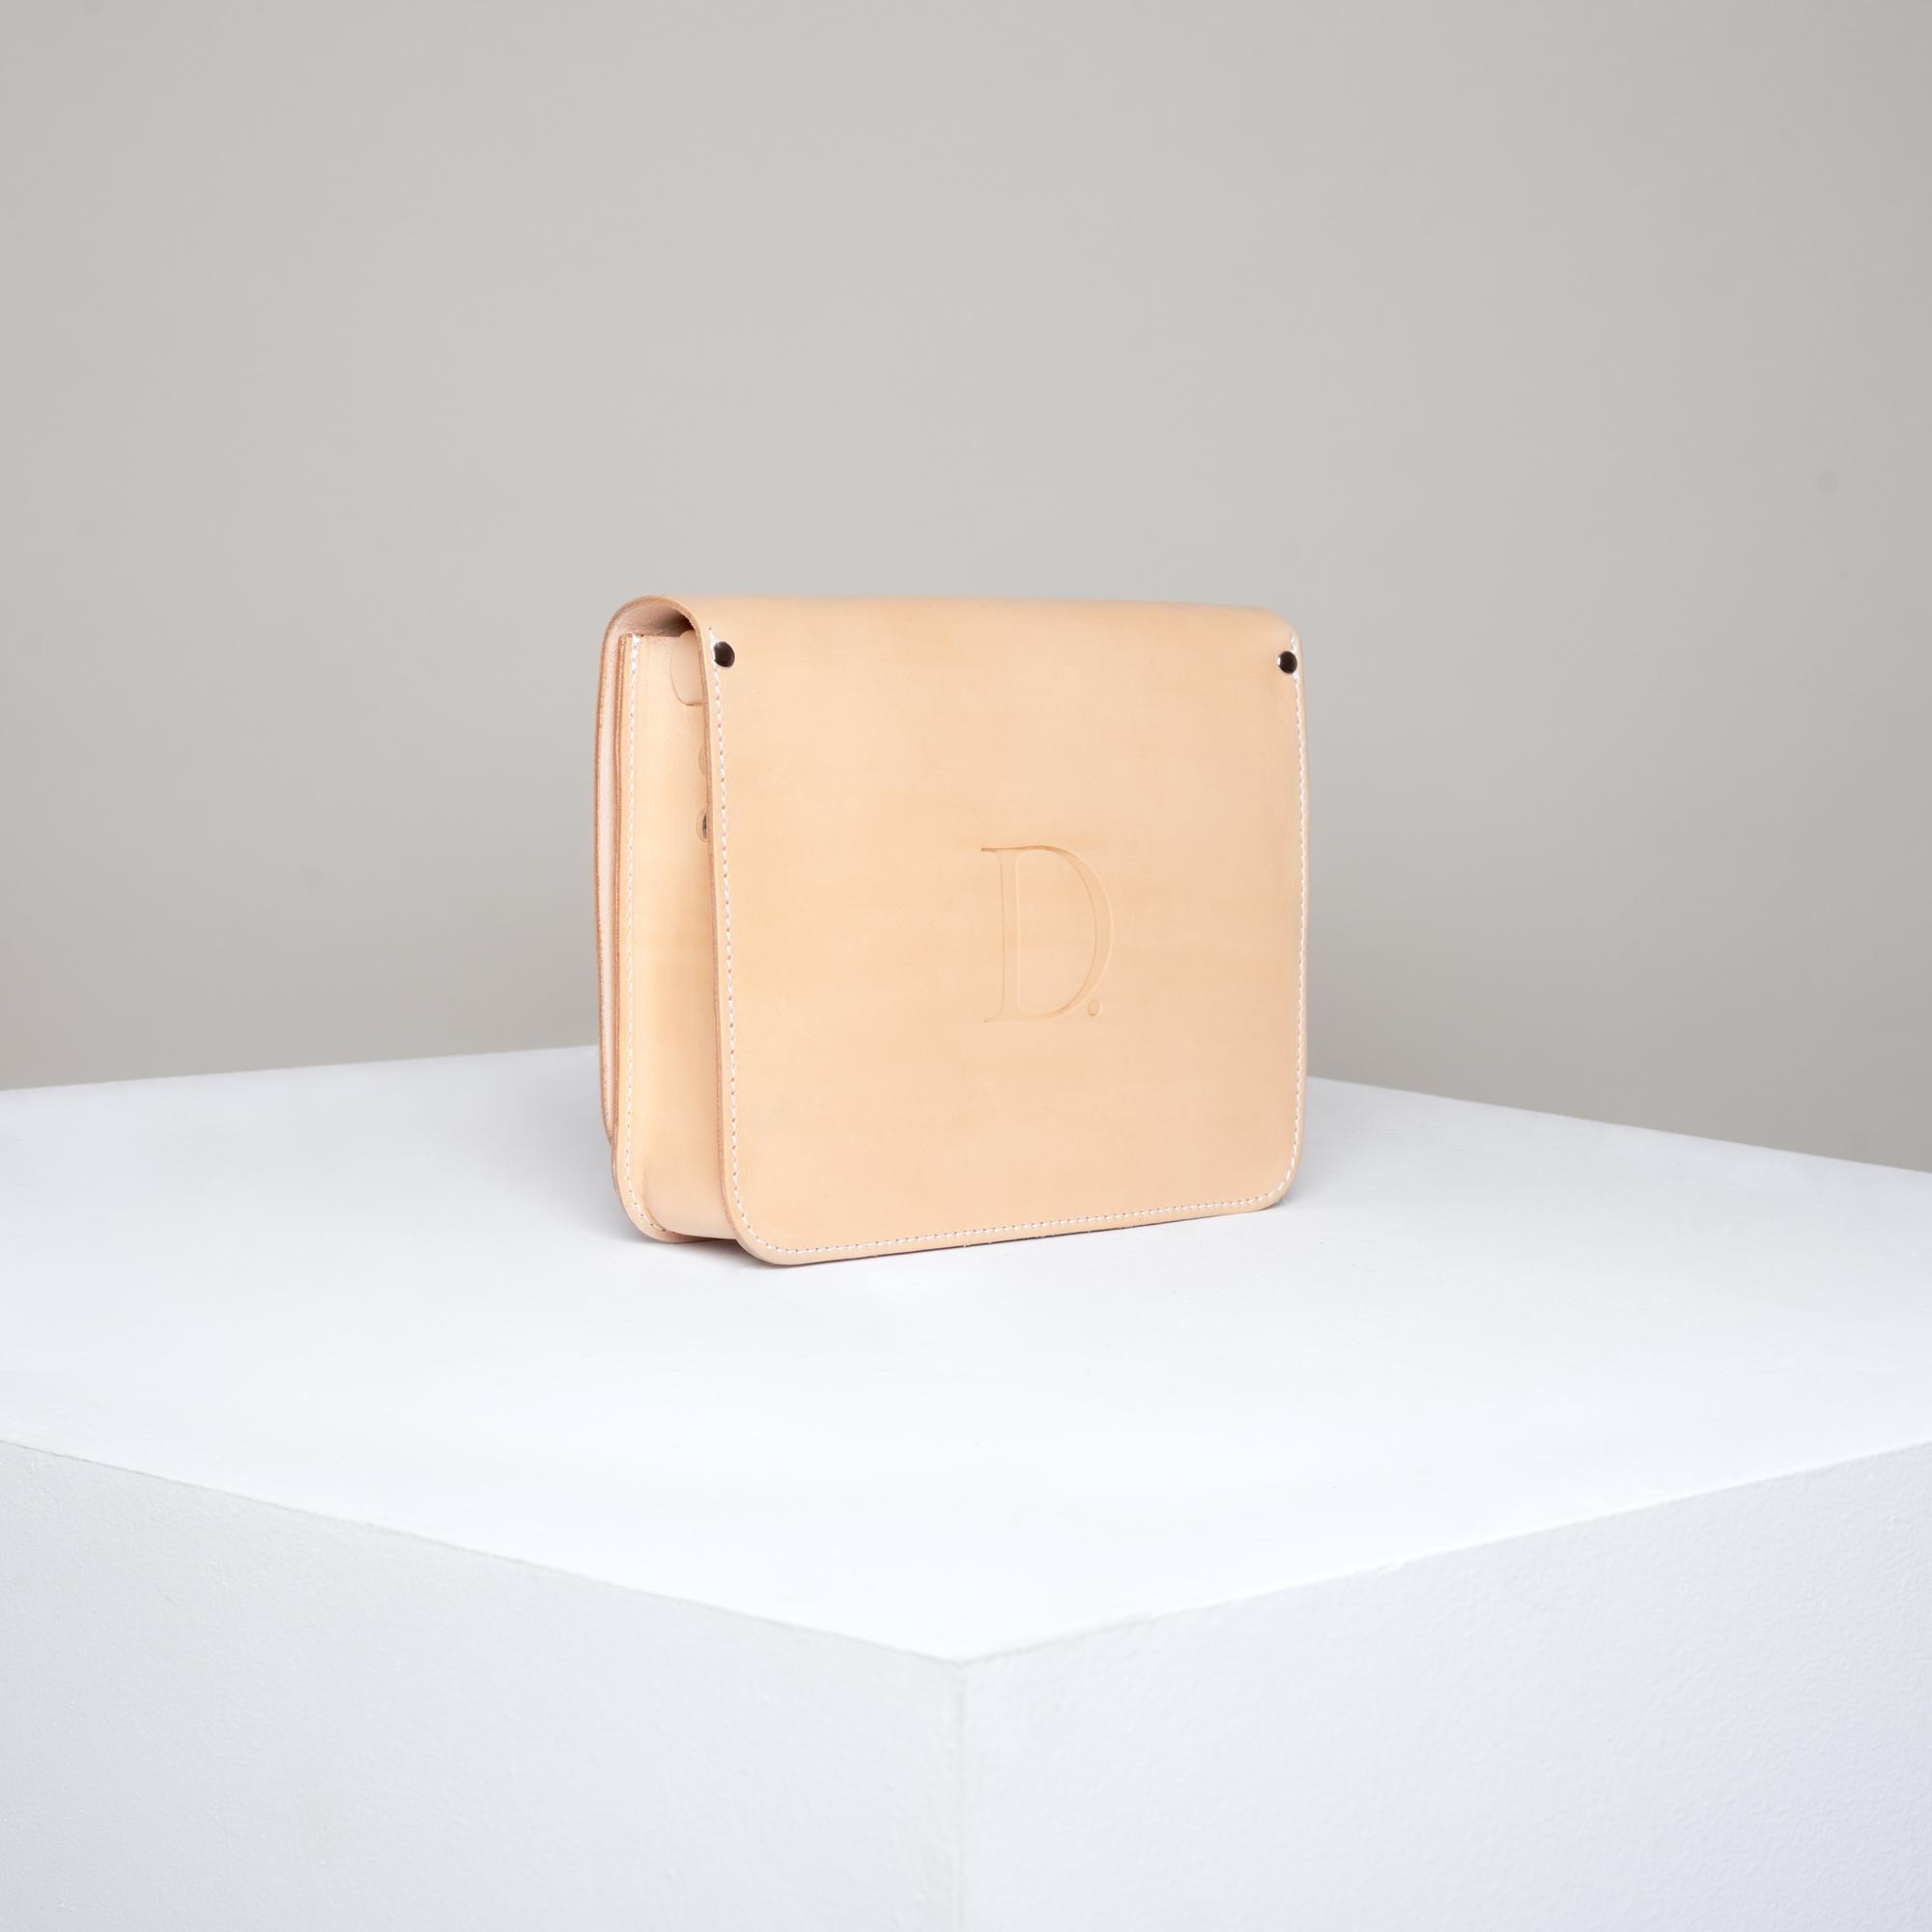 Skórzana torebka rozmiar M jasny beż - Departament.Store